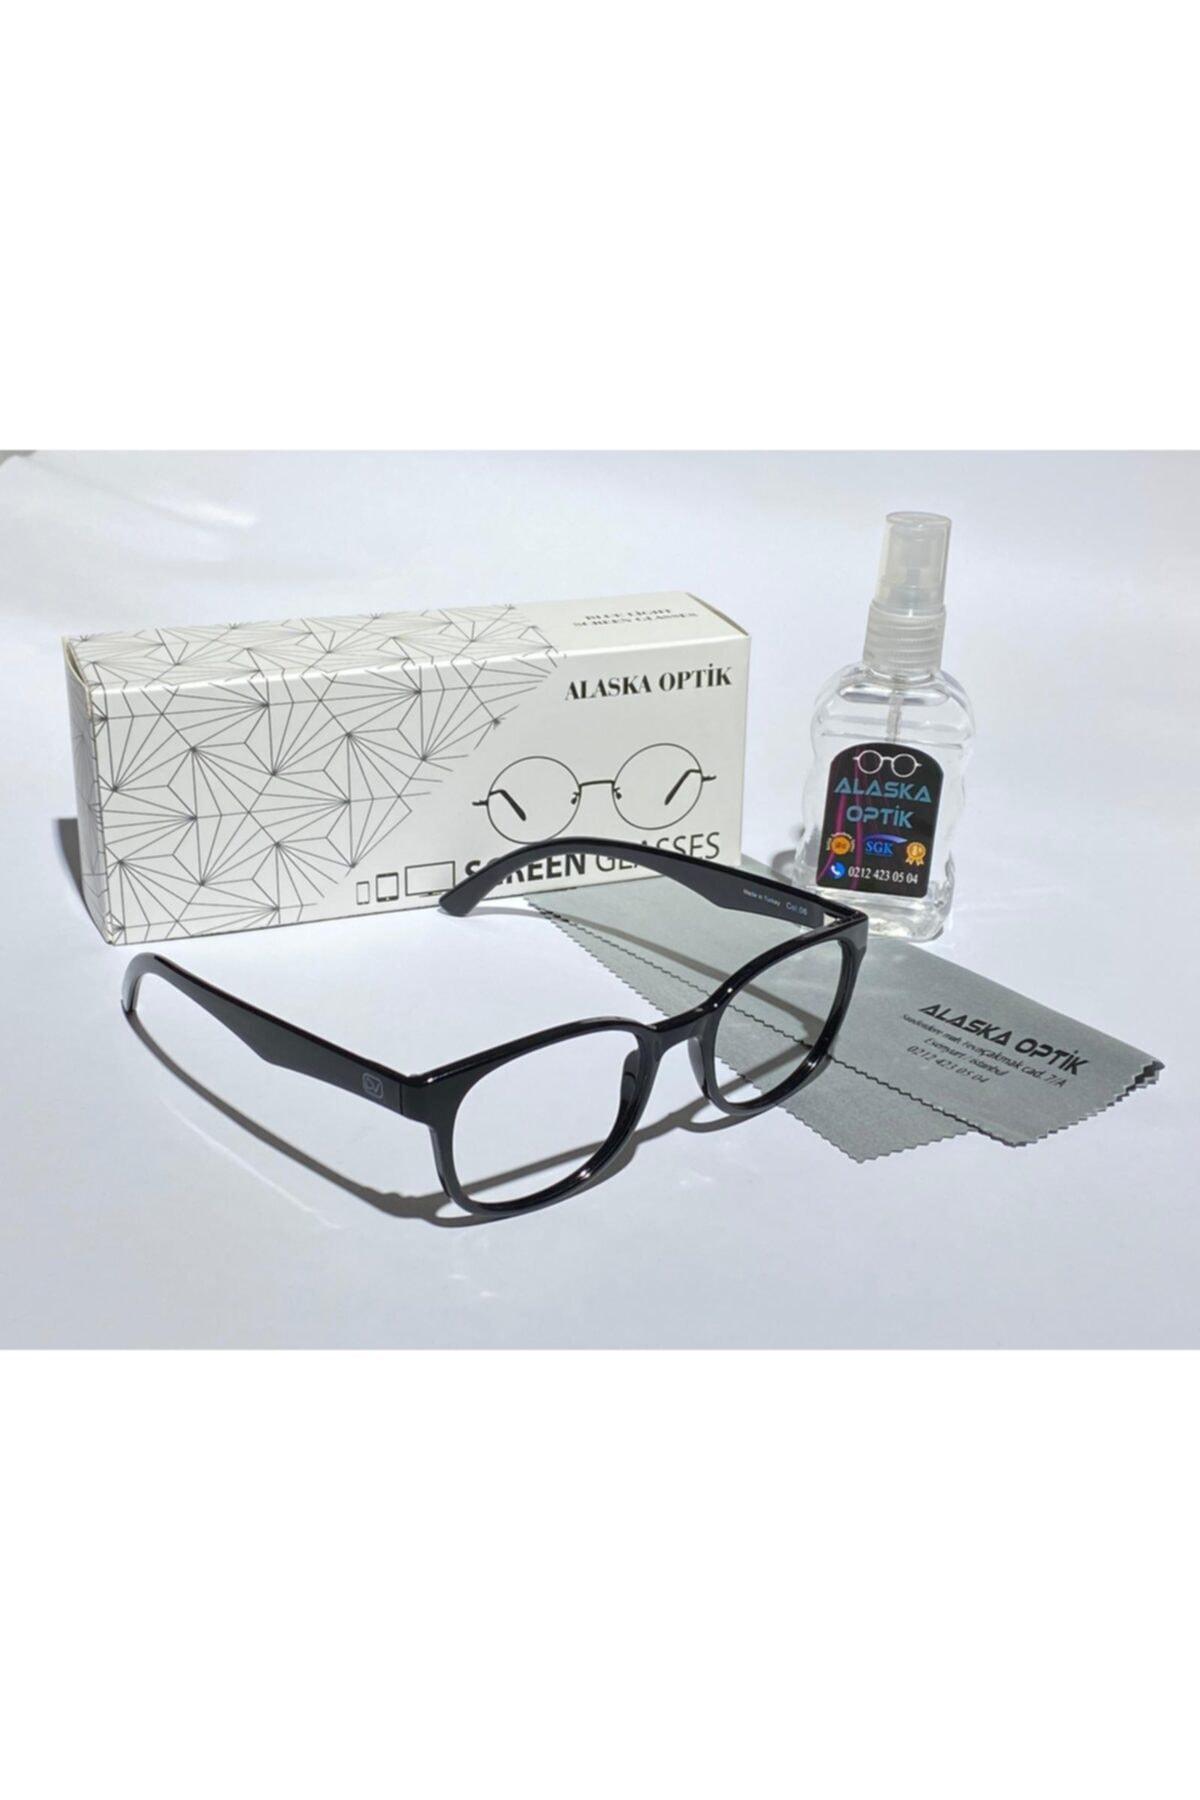 AlaskaEyewear Blue, Bilgisayar Telefon, Mavi Işık Korumalı Ekran Gözlüğü Büyük Boy Uv400, 2